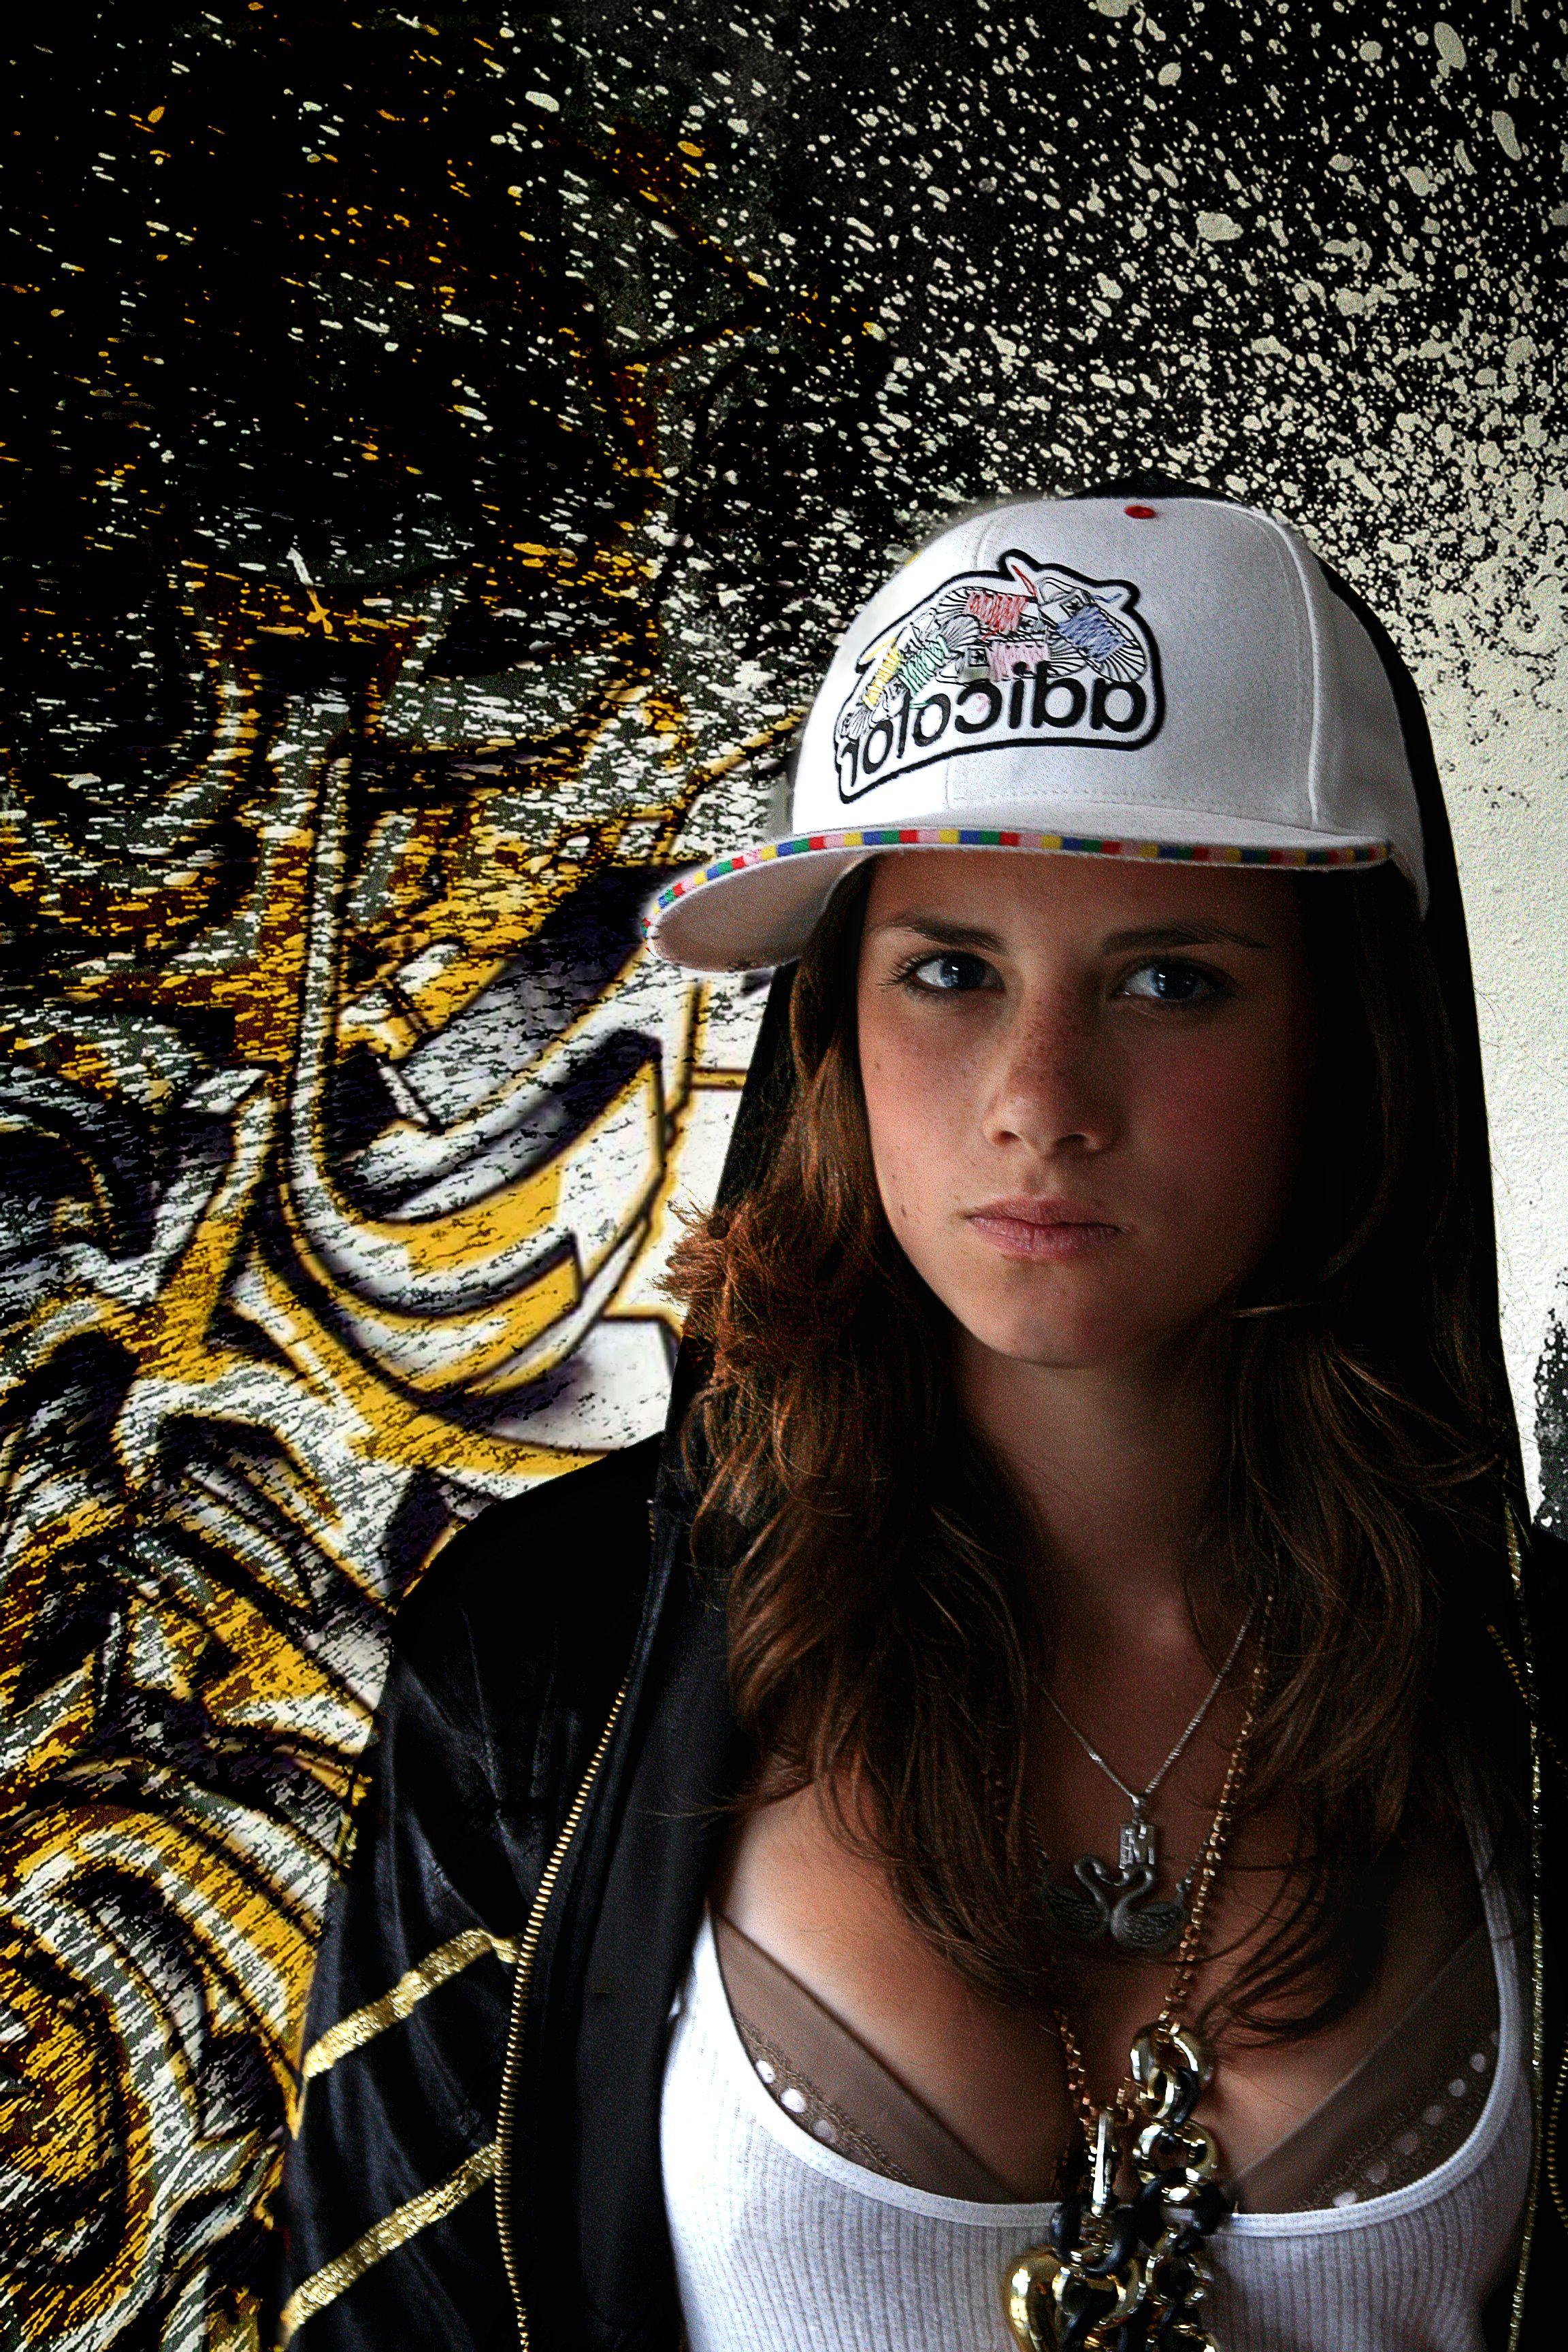 Фото рэперов девушек русских